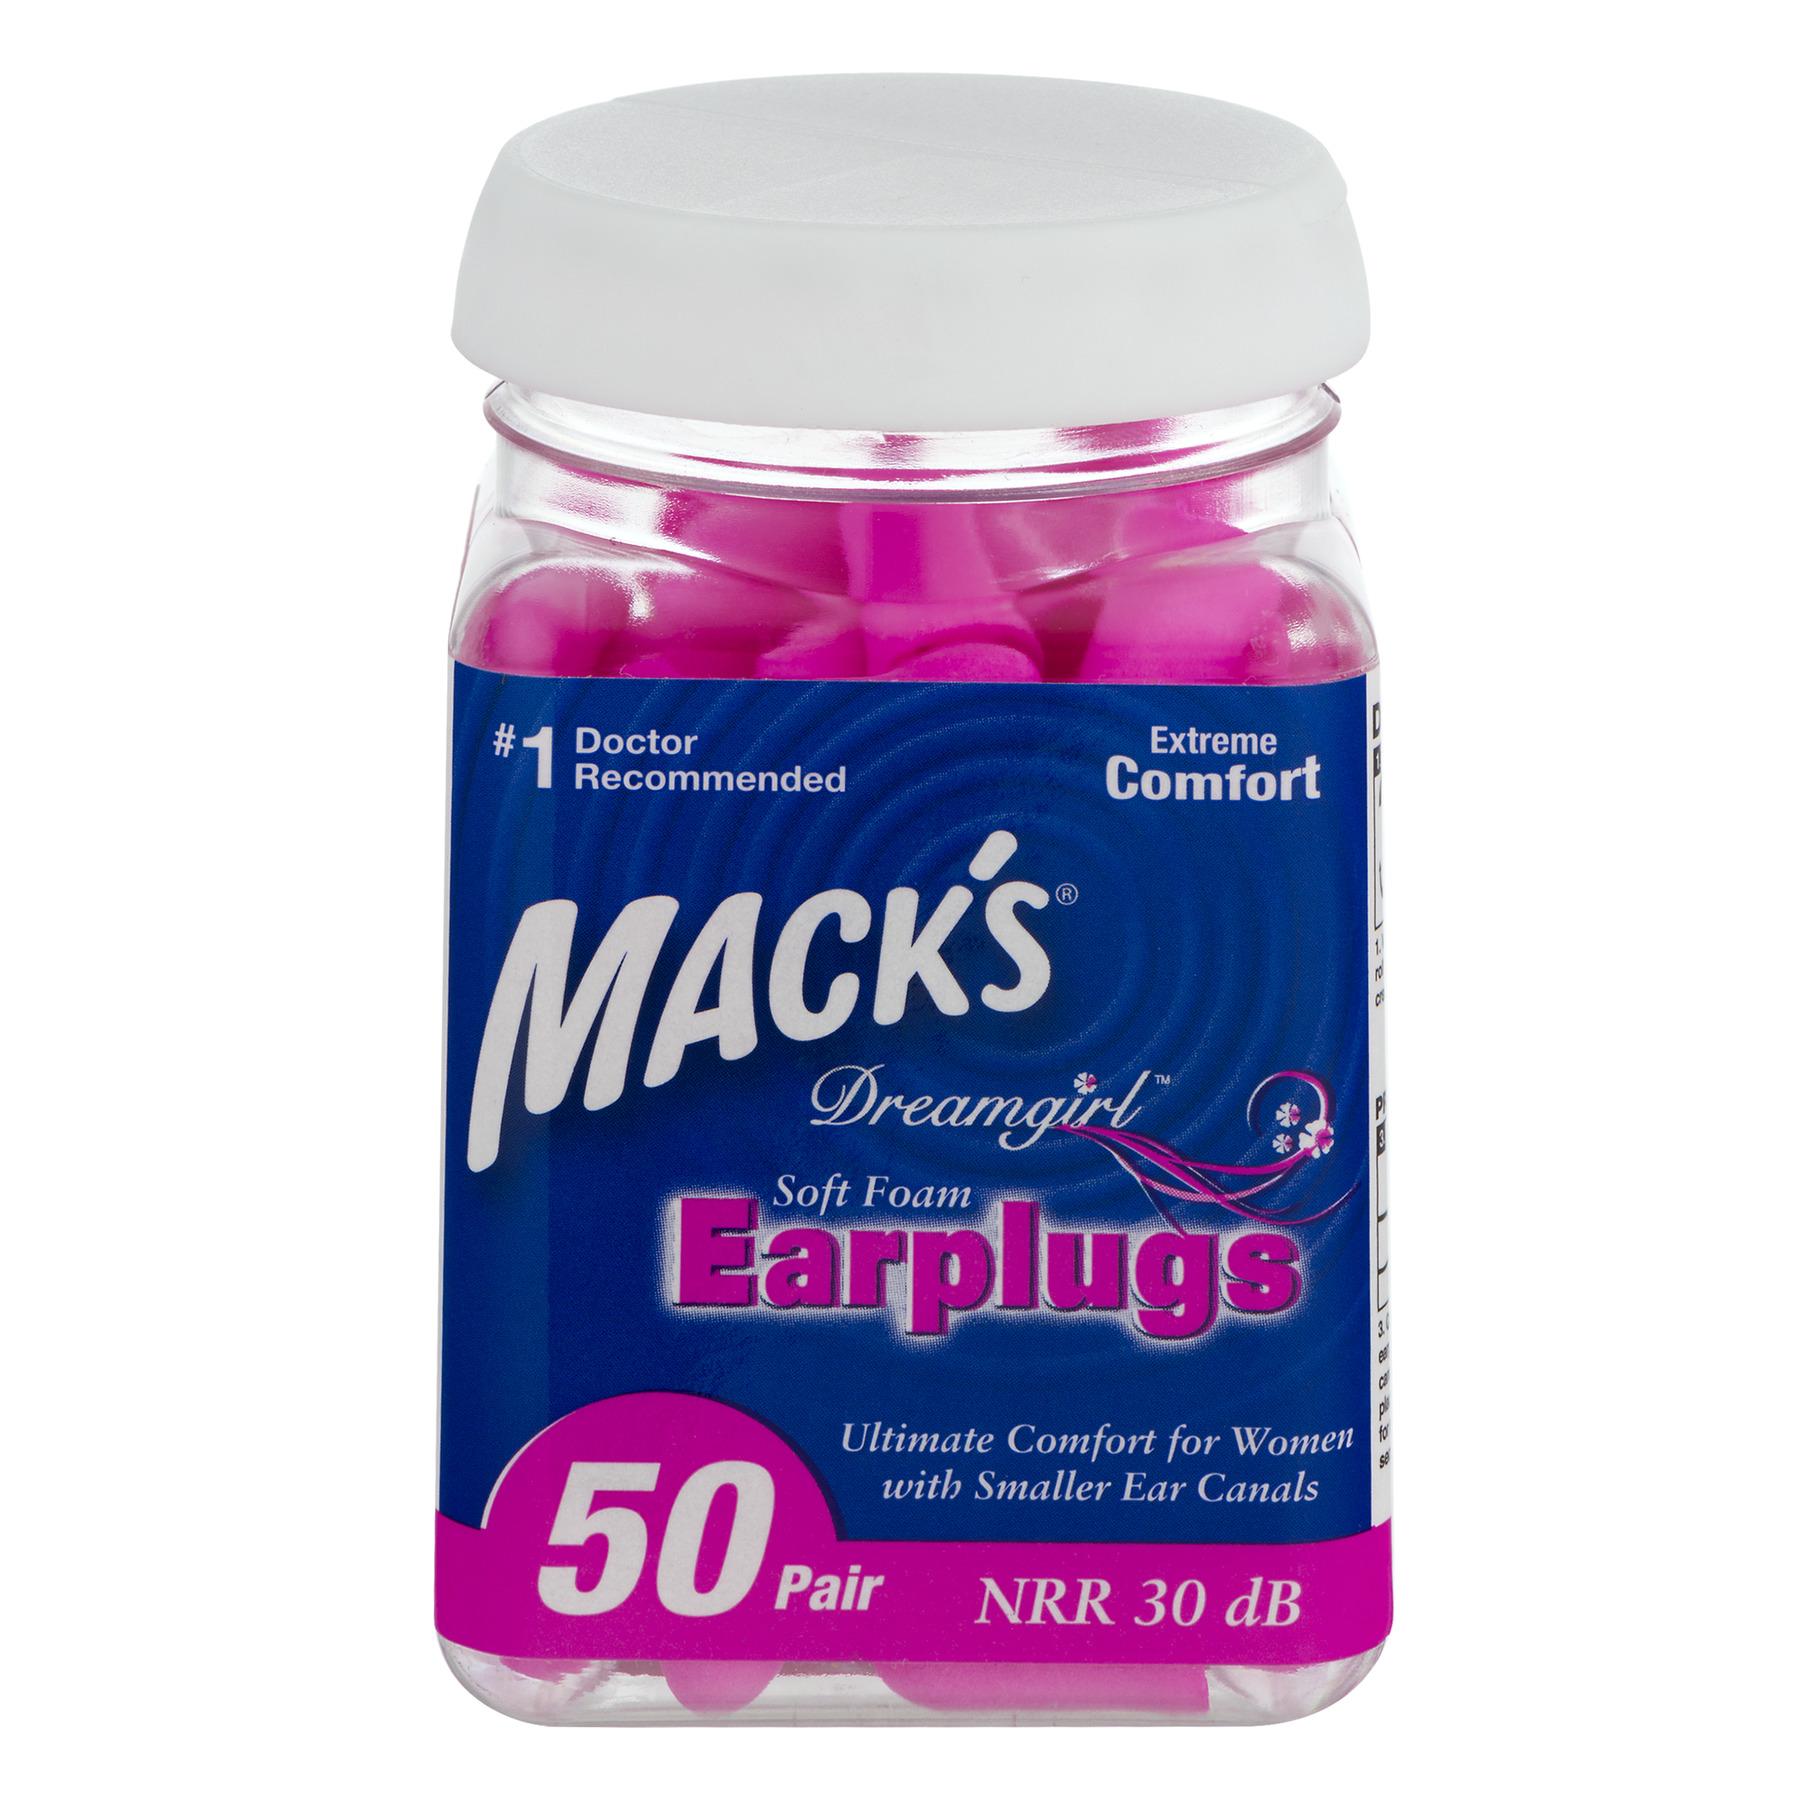 Mack's Dreamgirl Earplugs - 50 CT50.0 CT